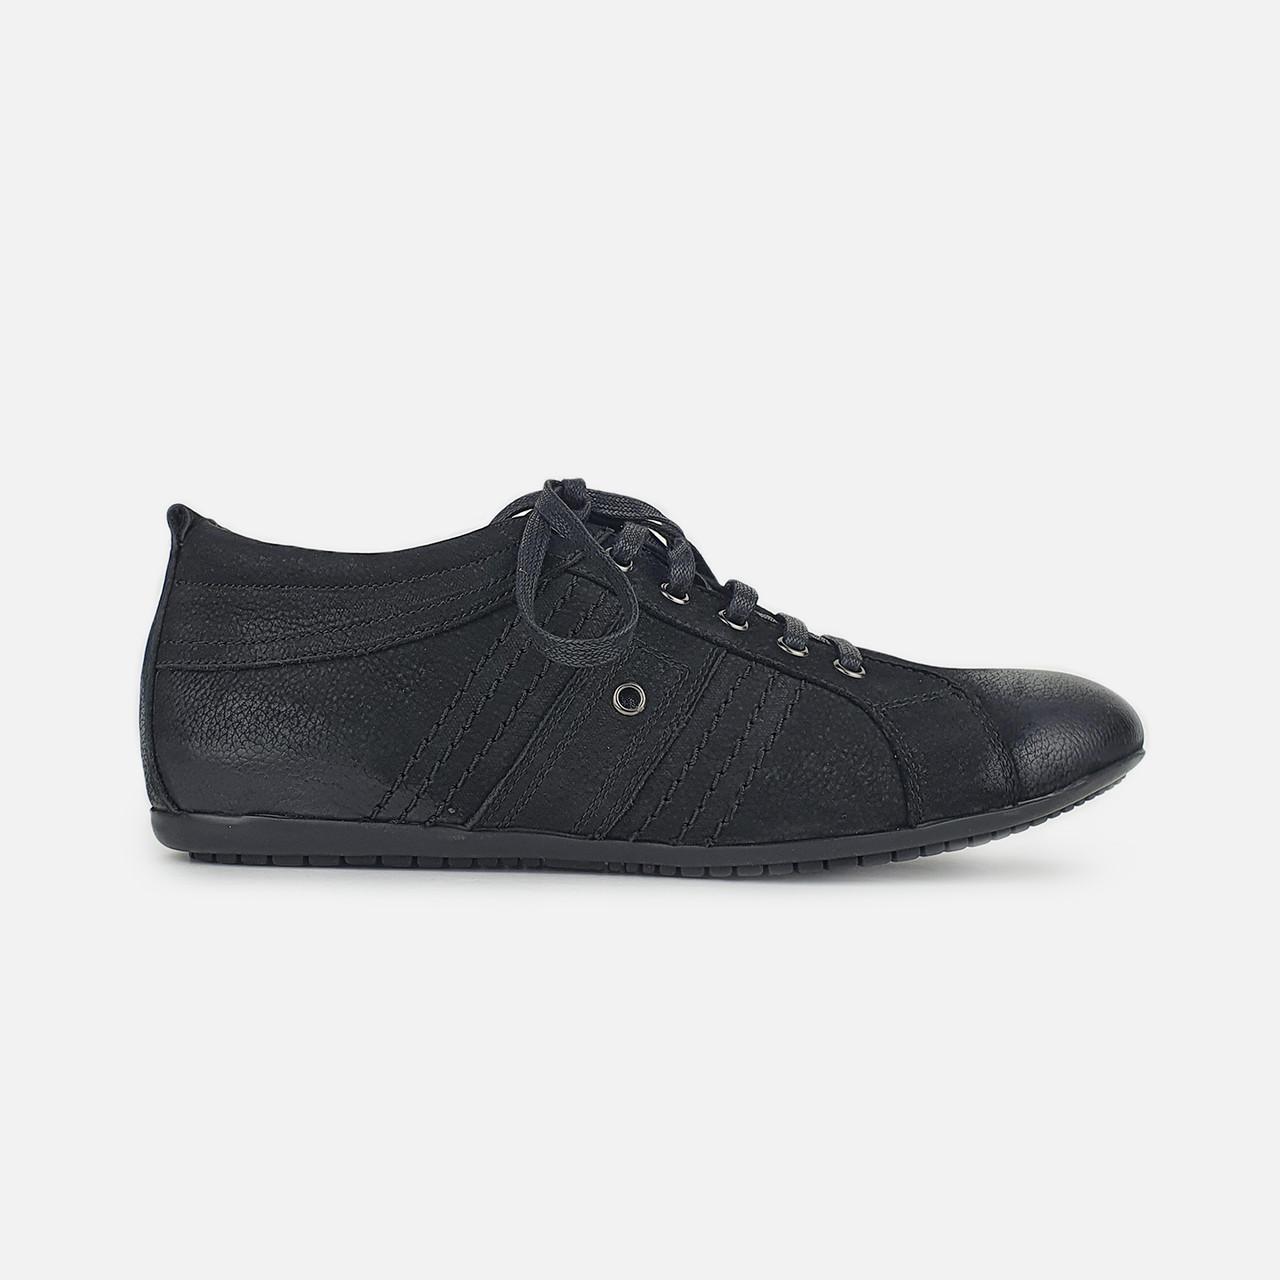 Туфлі чоловічі повсякденні весна/осінь з натурального нубука чорні